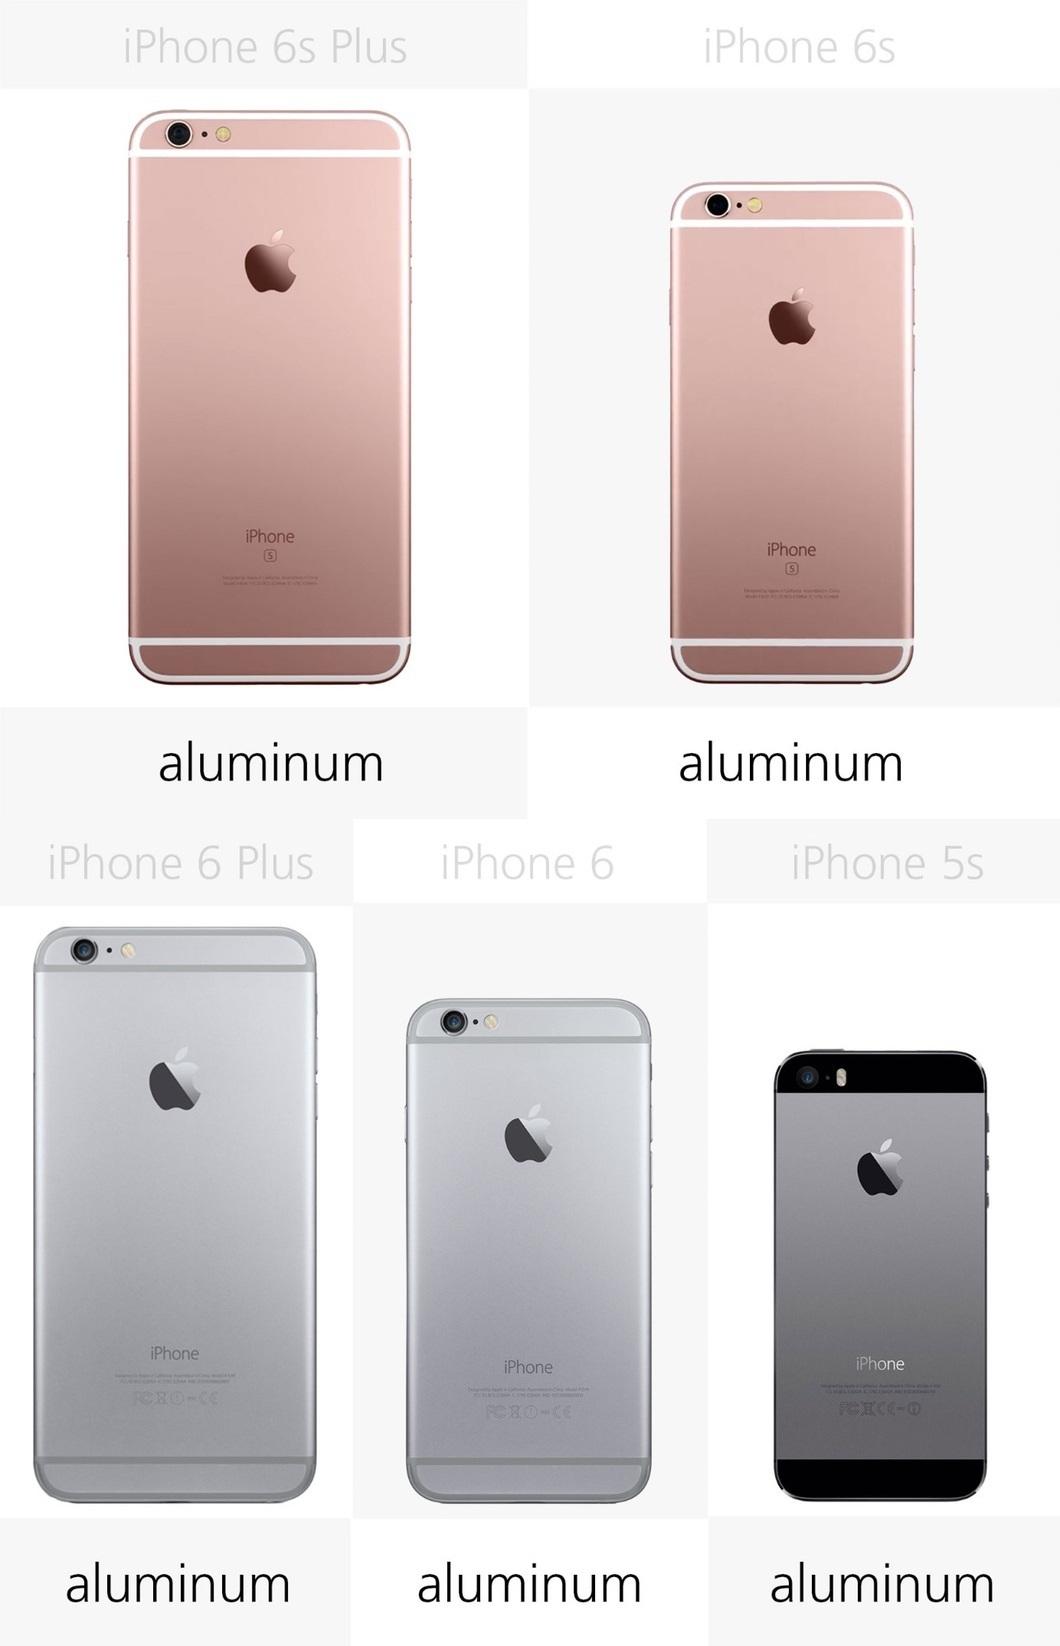 Tất cả 5 mẫu điện thoại iPhone trên đây đều có lớp vỏ nhôm toàn khối